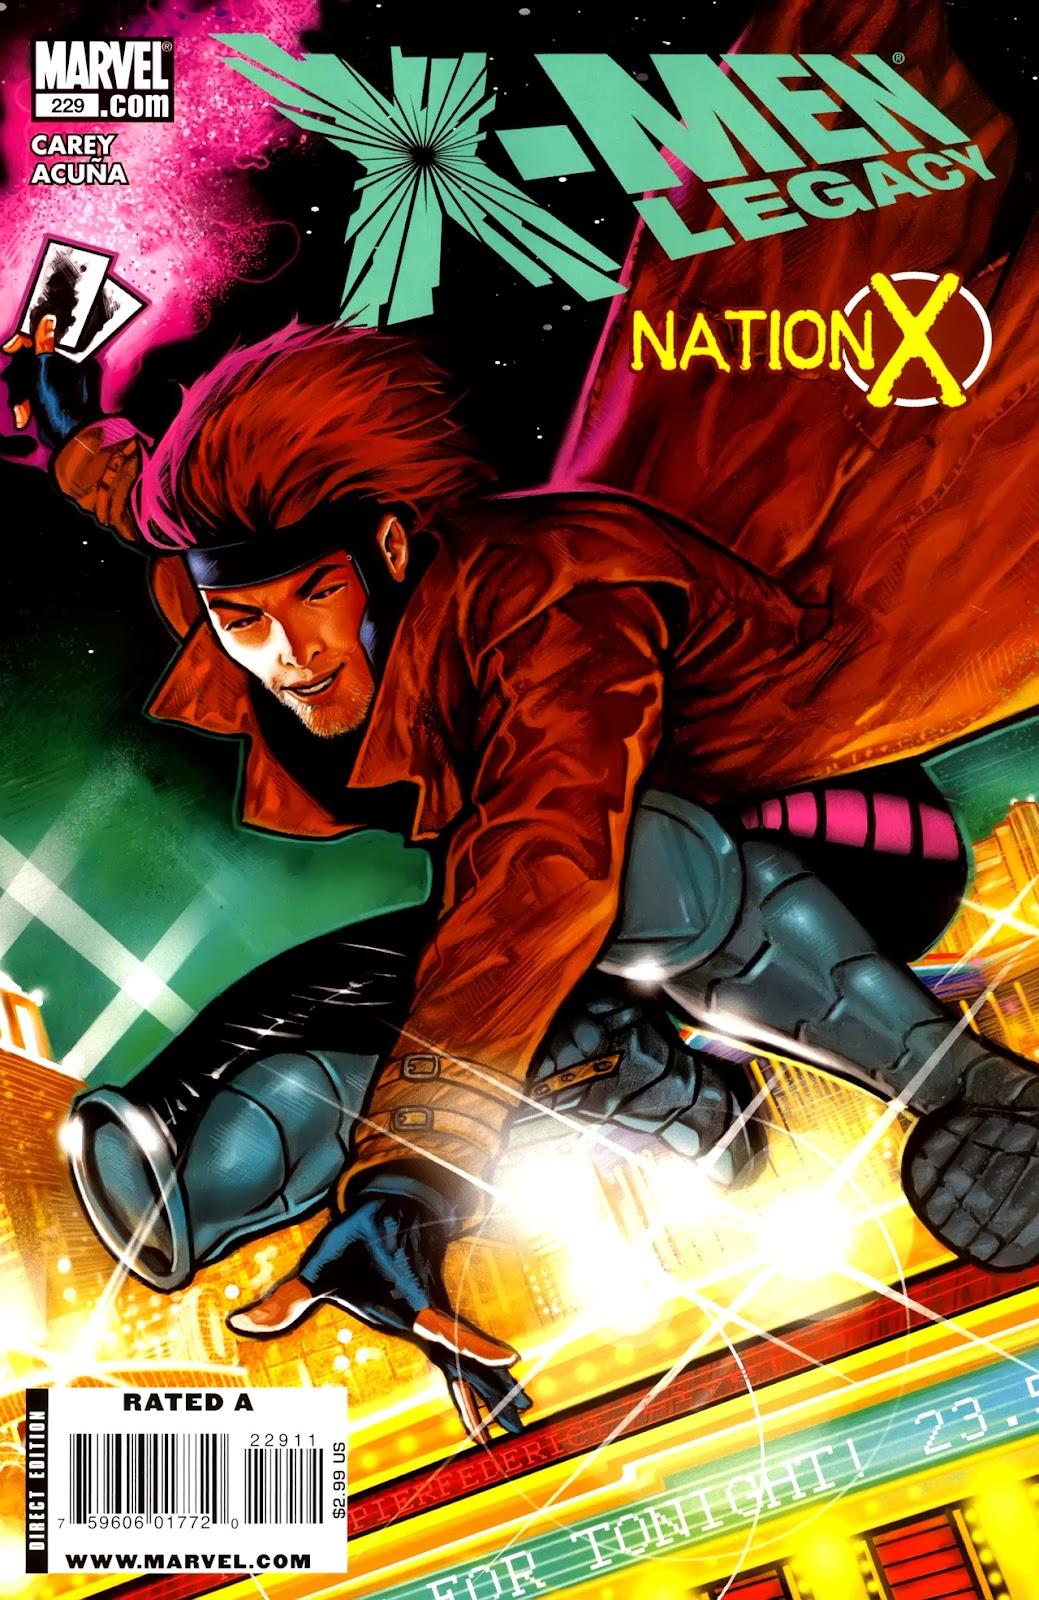 X-Men Legacy (2008) 229 Page 1